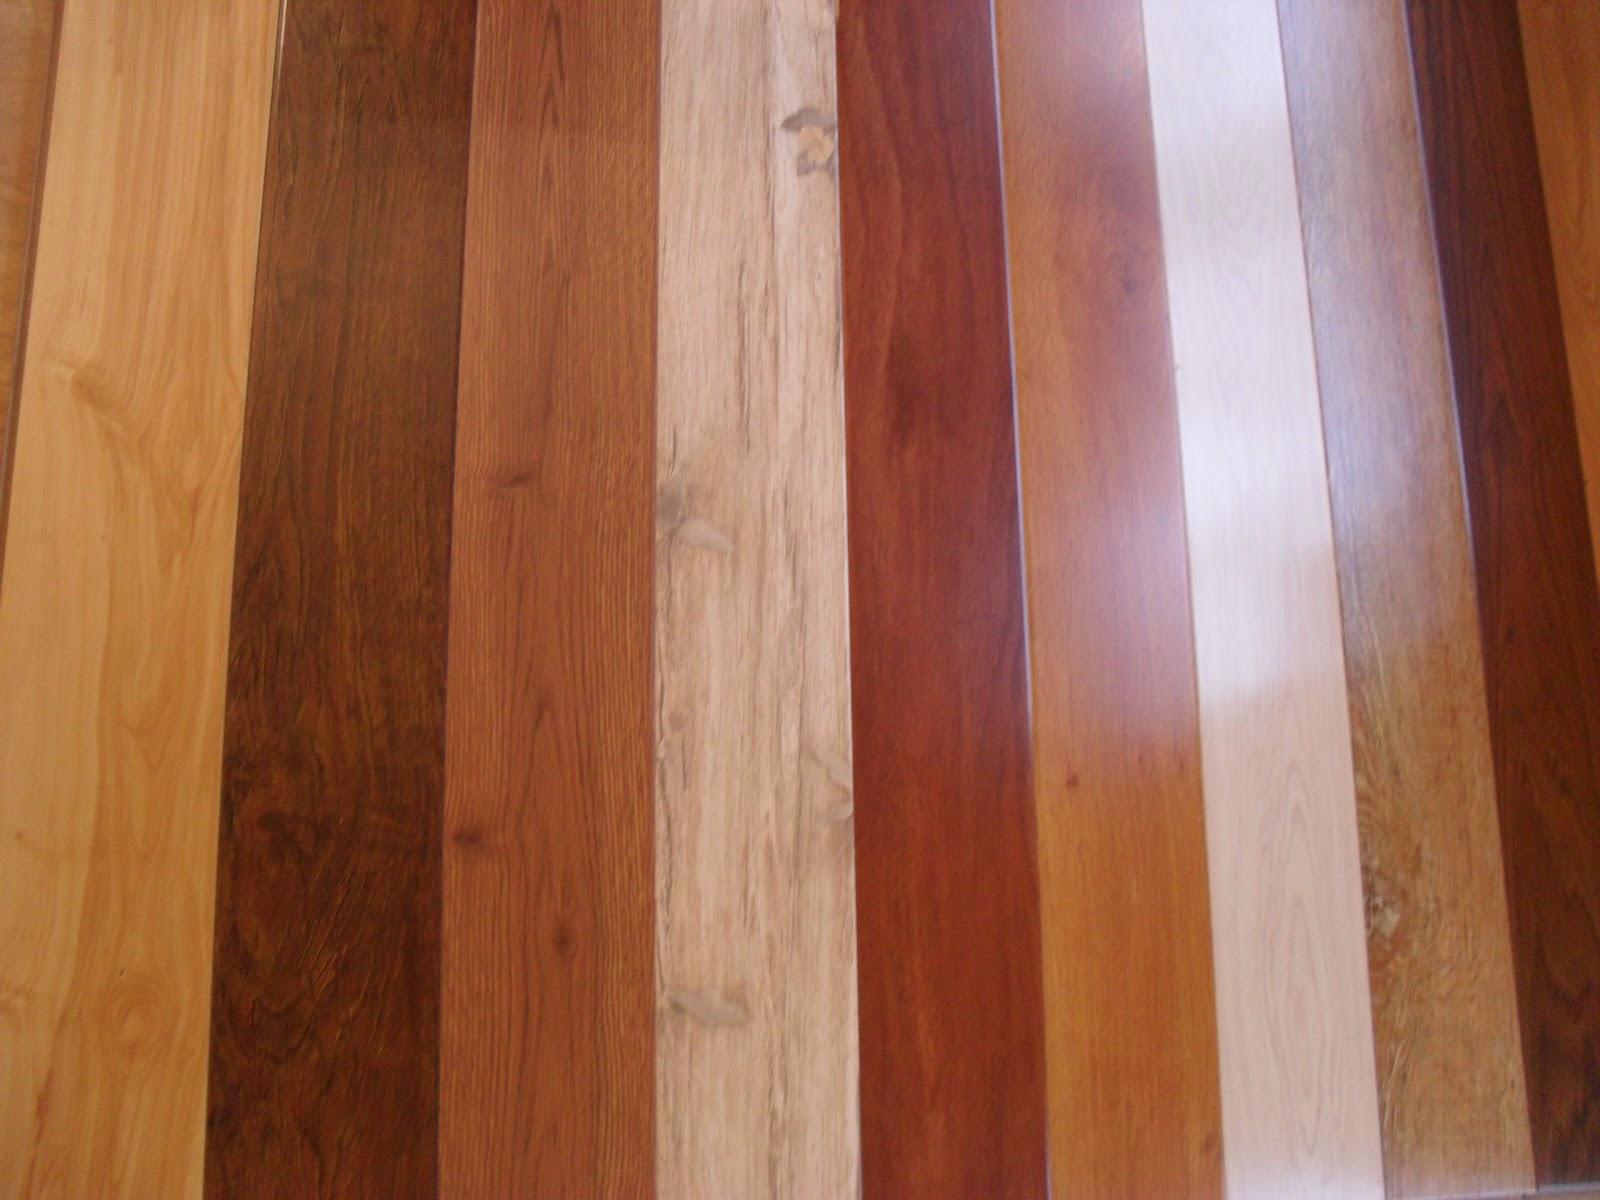 Easy home piso flotante comercial calidad ac4 for Piso laminado precio